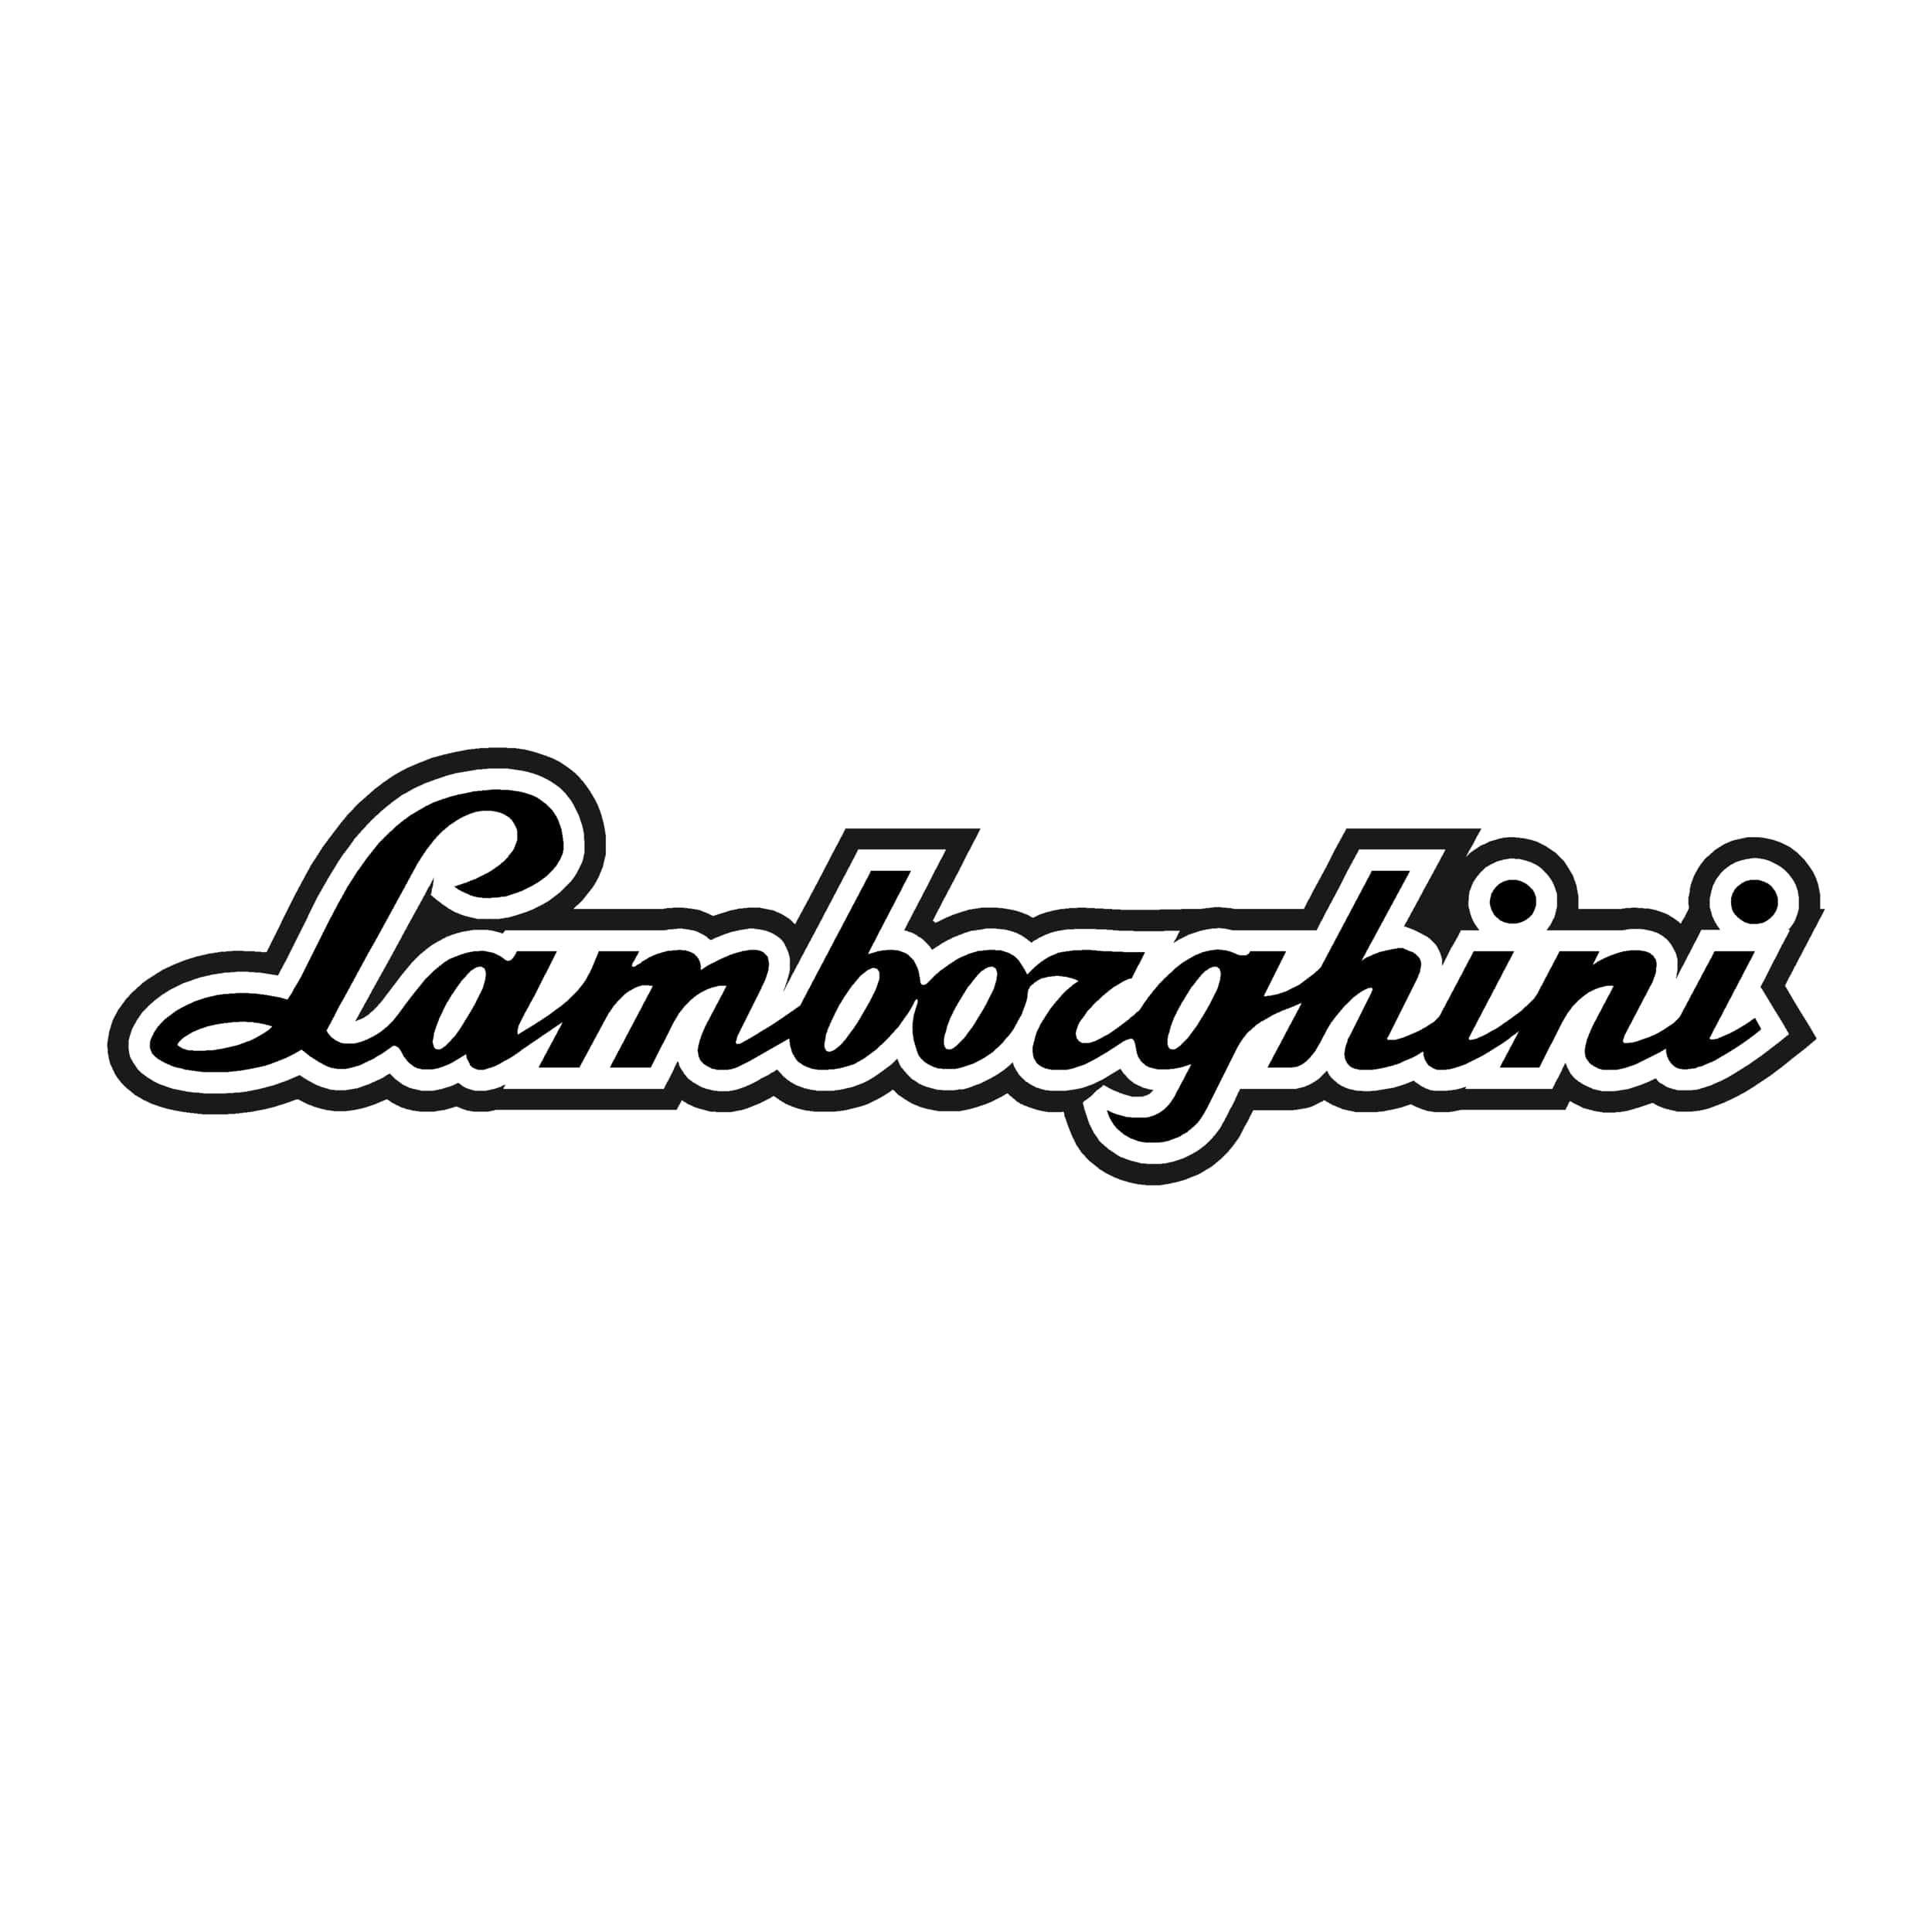 stickers-lamborghini-ref-3-auto-tuning-amortisseur-4x4-tout-terrain-auto-camion-competition-rallye-autocollant-min